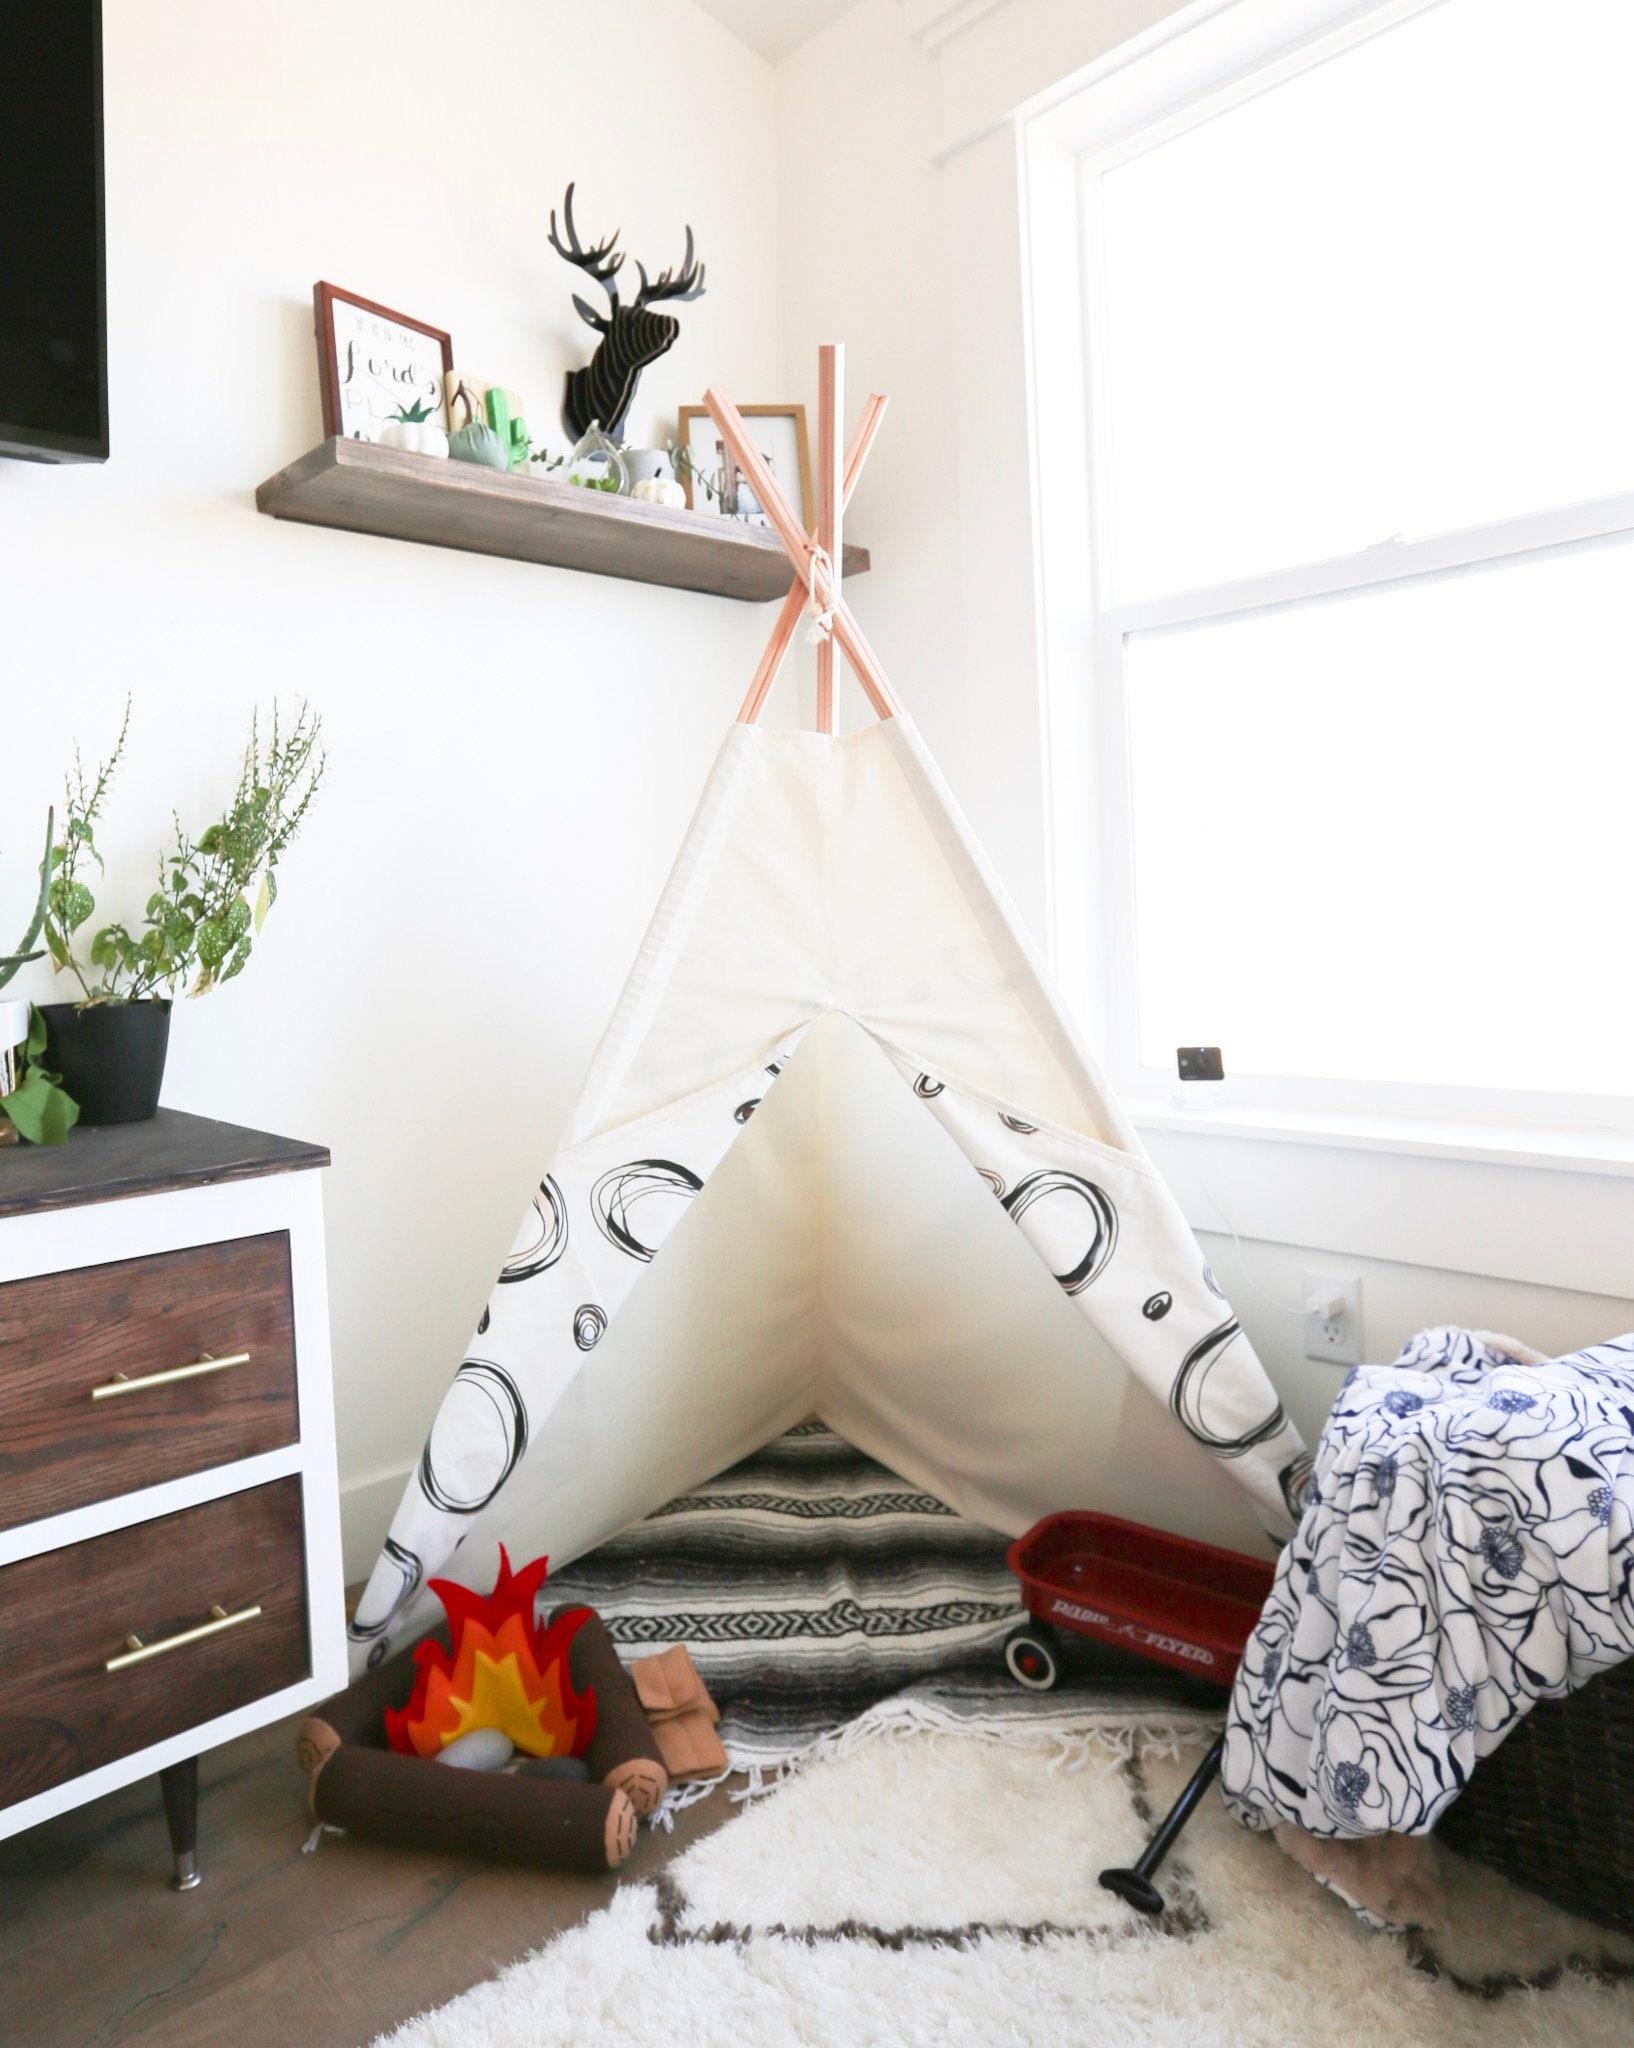 Cream Threepee Teepee Kids Play Tent Three Sided to fit